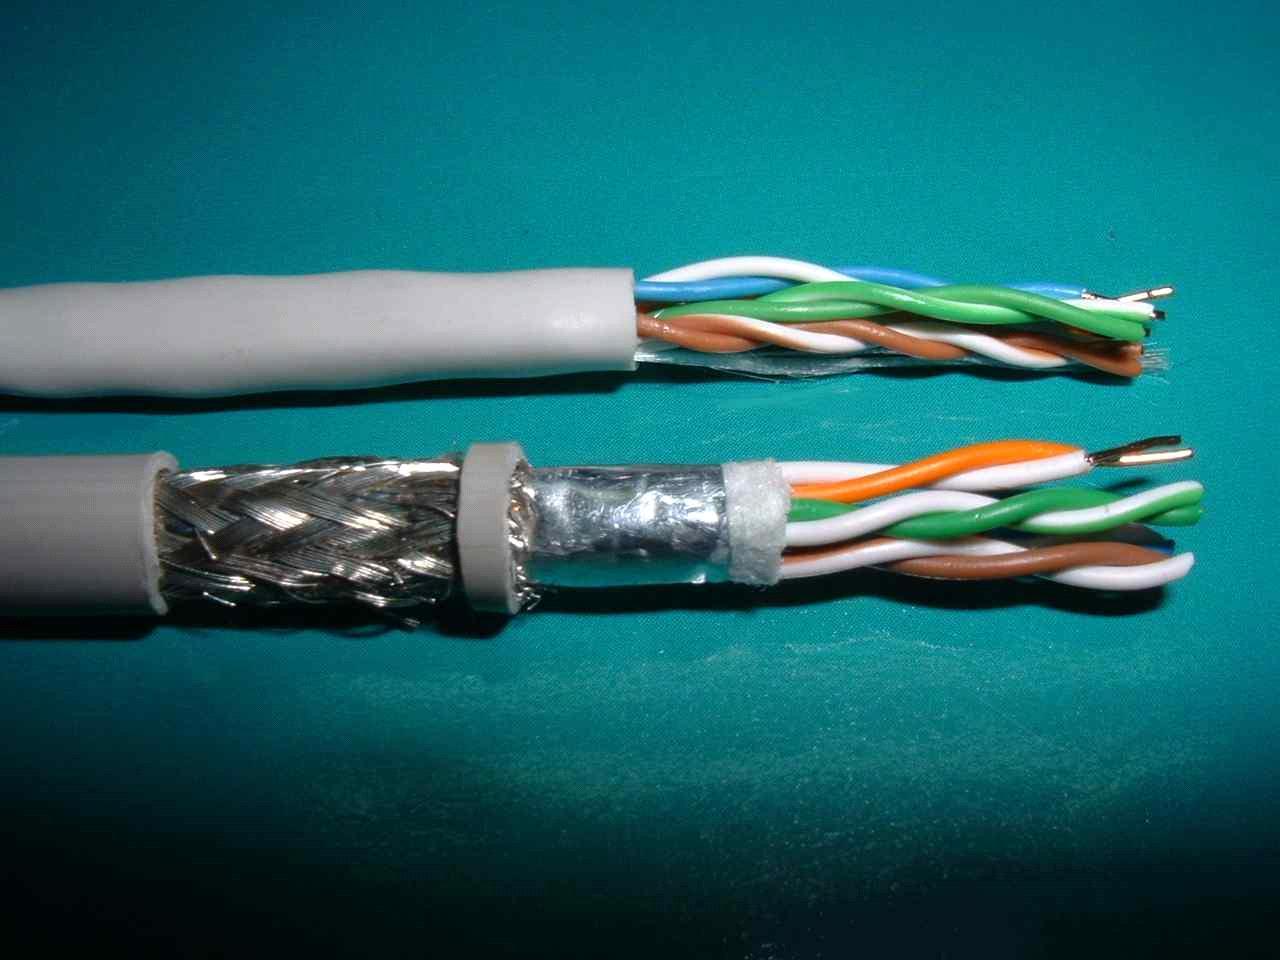 Computer Networks: December 2011